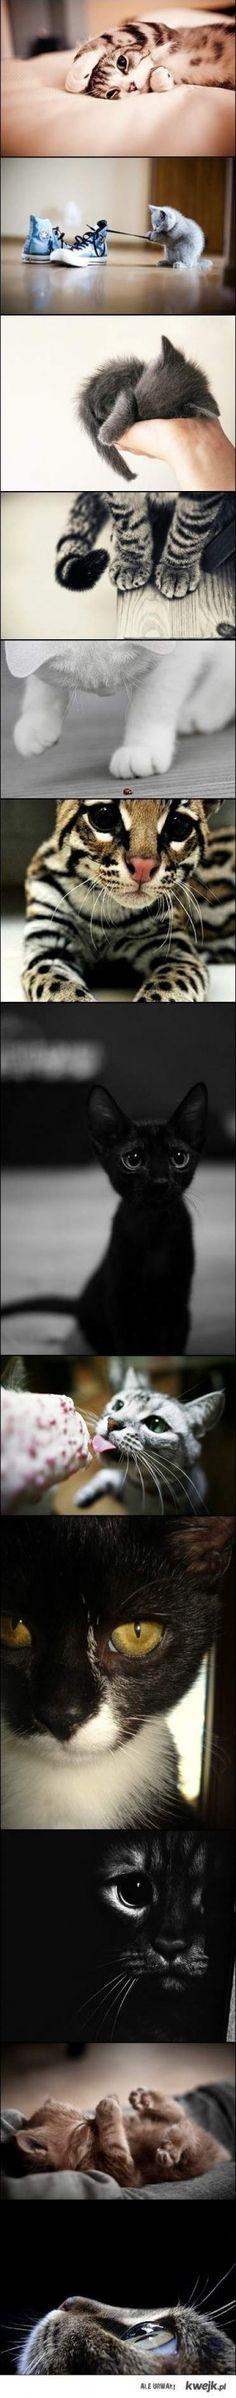 Oh so cute kitties!!